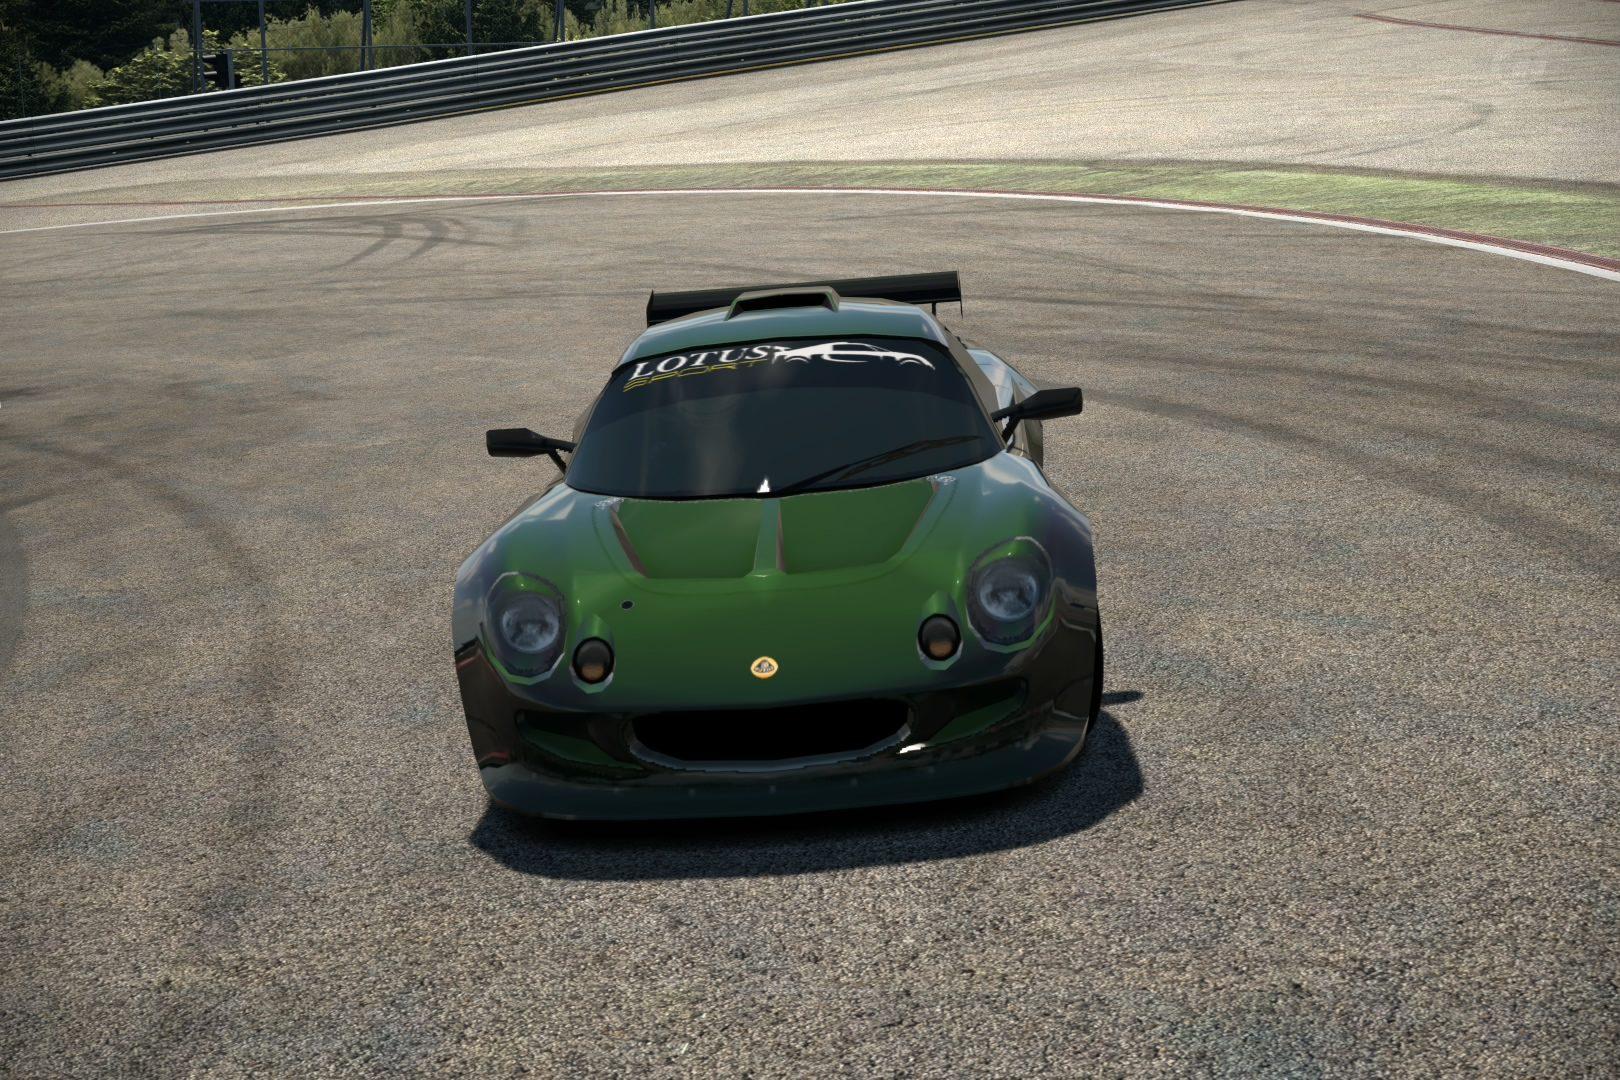 LotusMotorSport99Img2.jpg